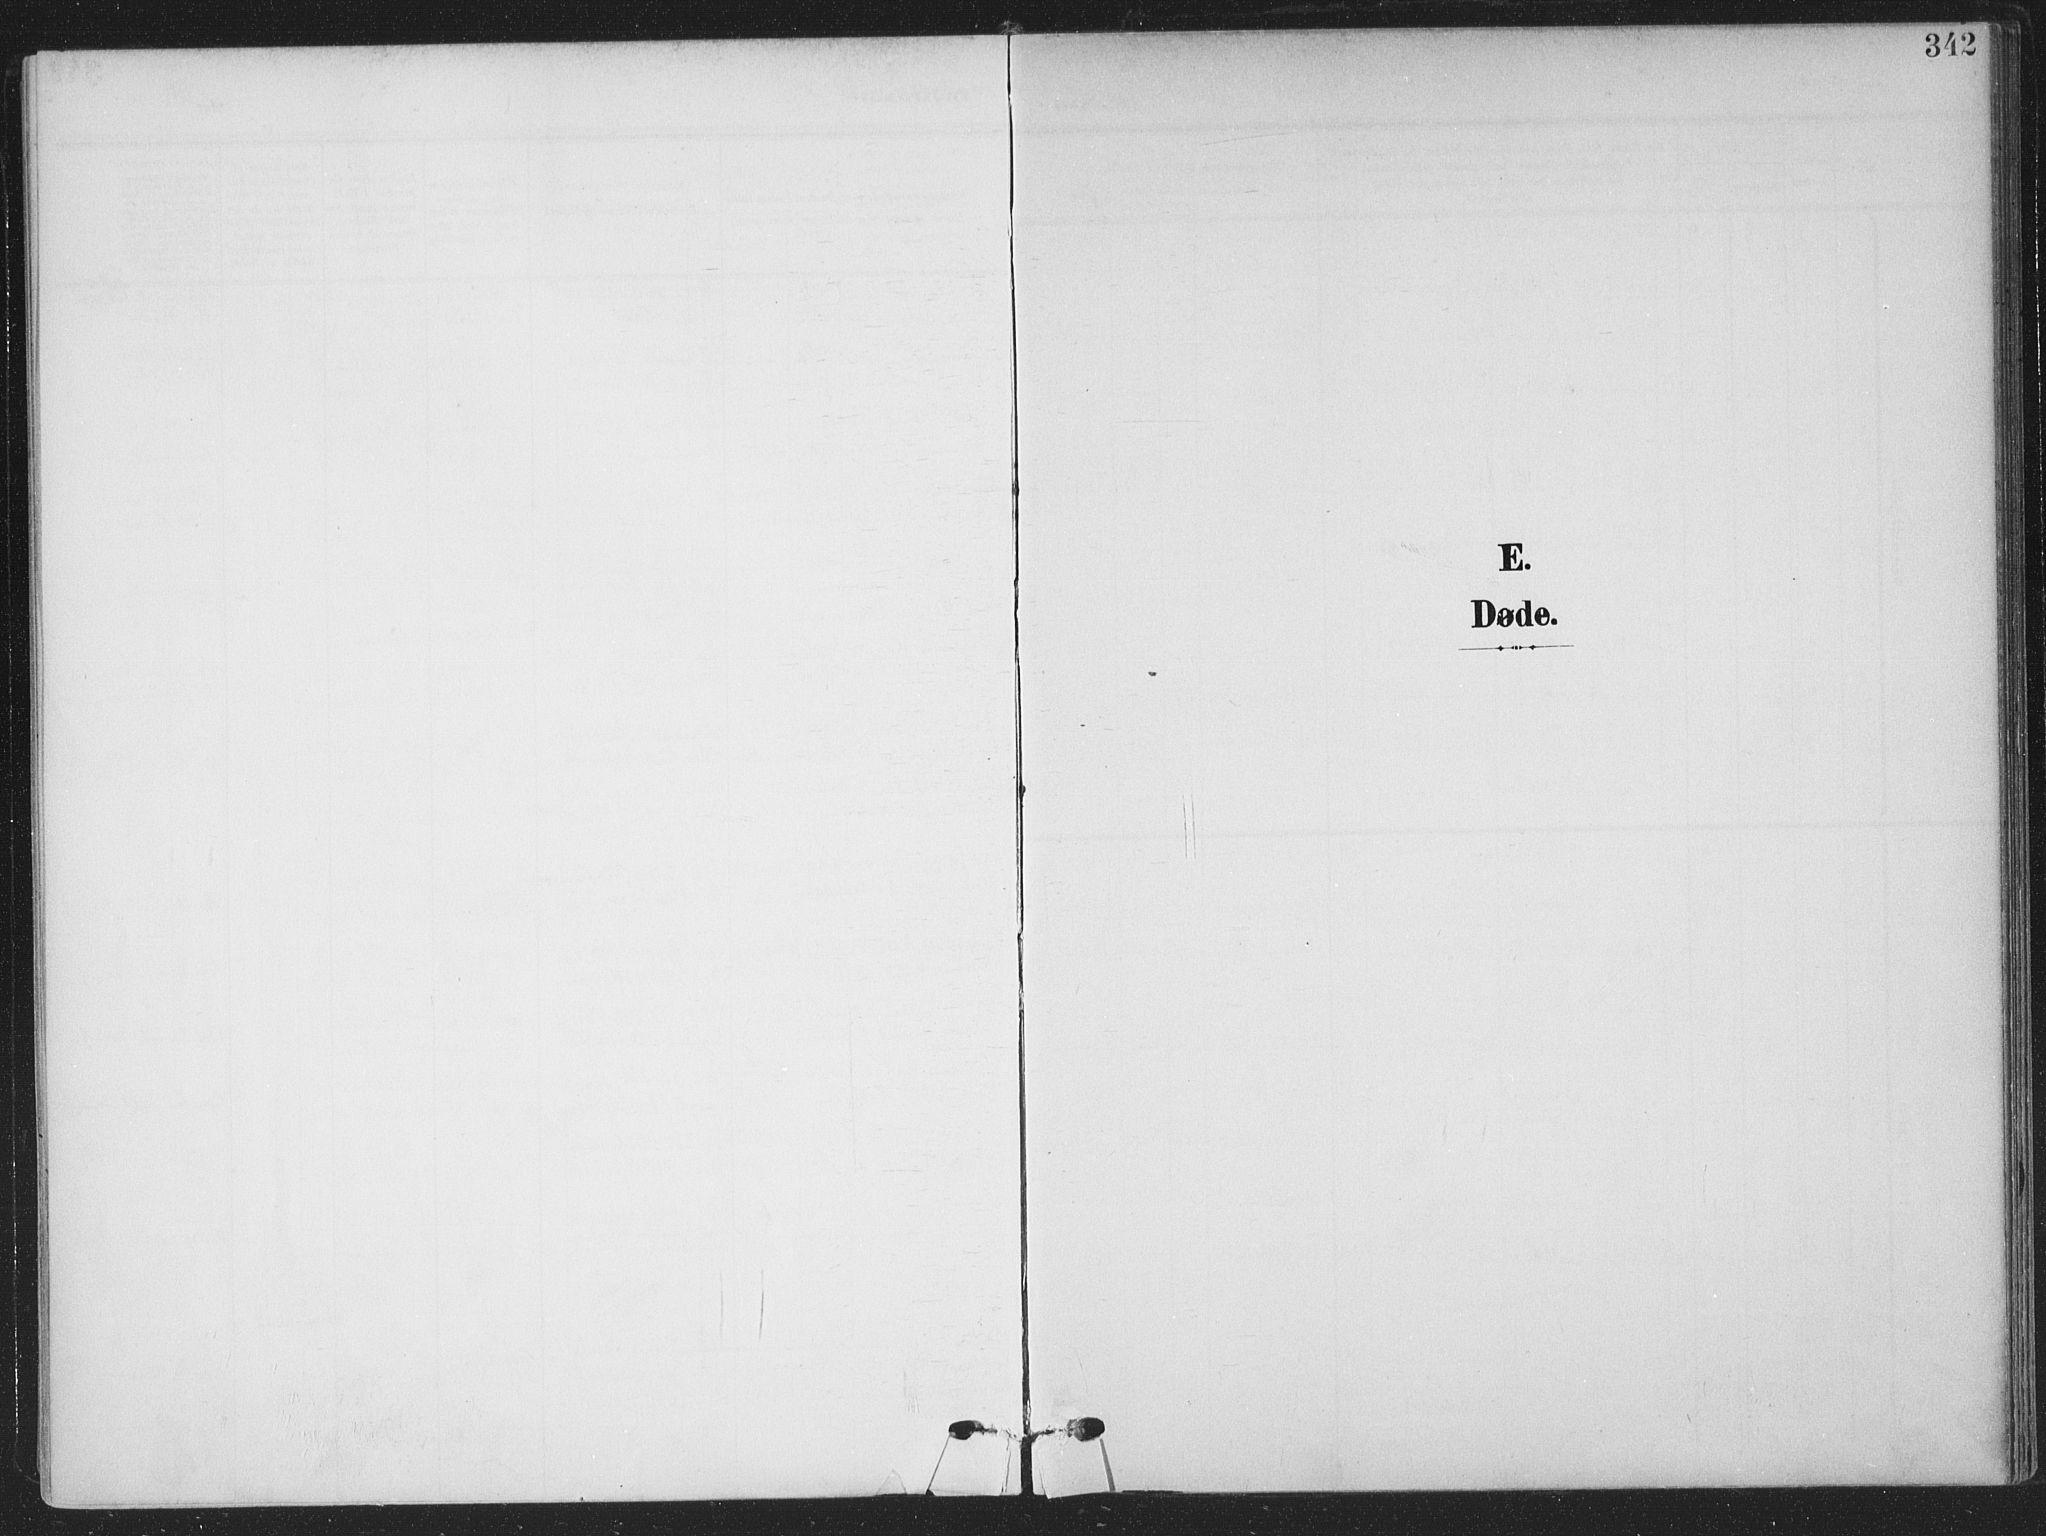 SAKO, Skien kirkebøker, F/Fa/L0012: Ministerialbok nr. 12, 1908-1914, s. 342